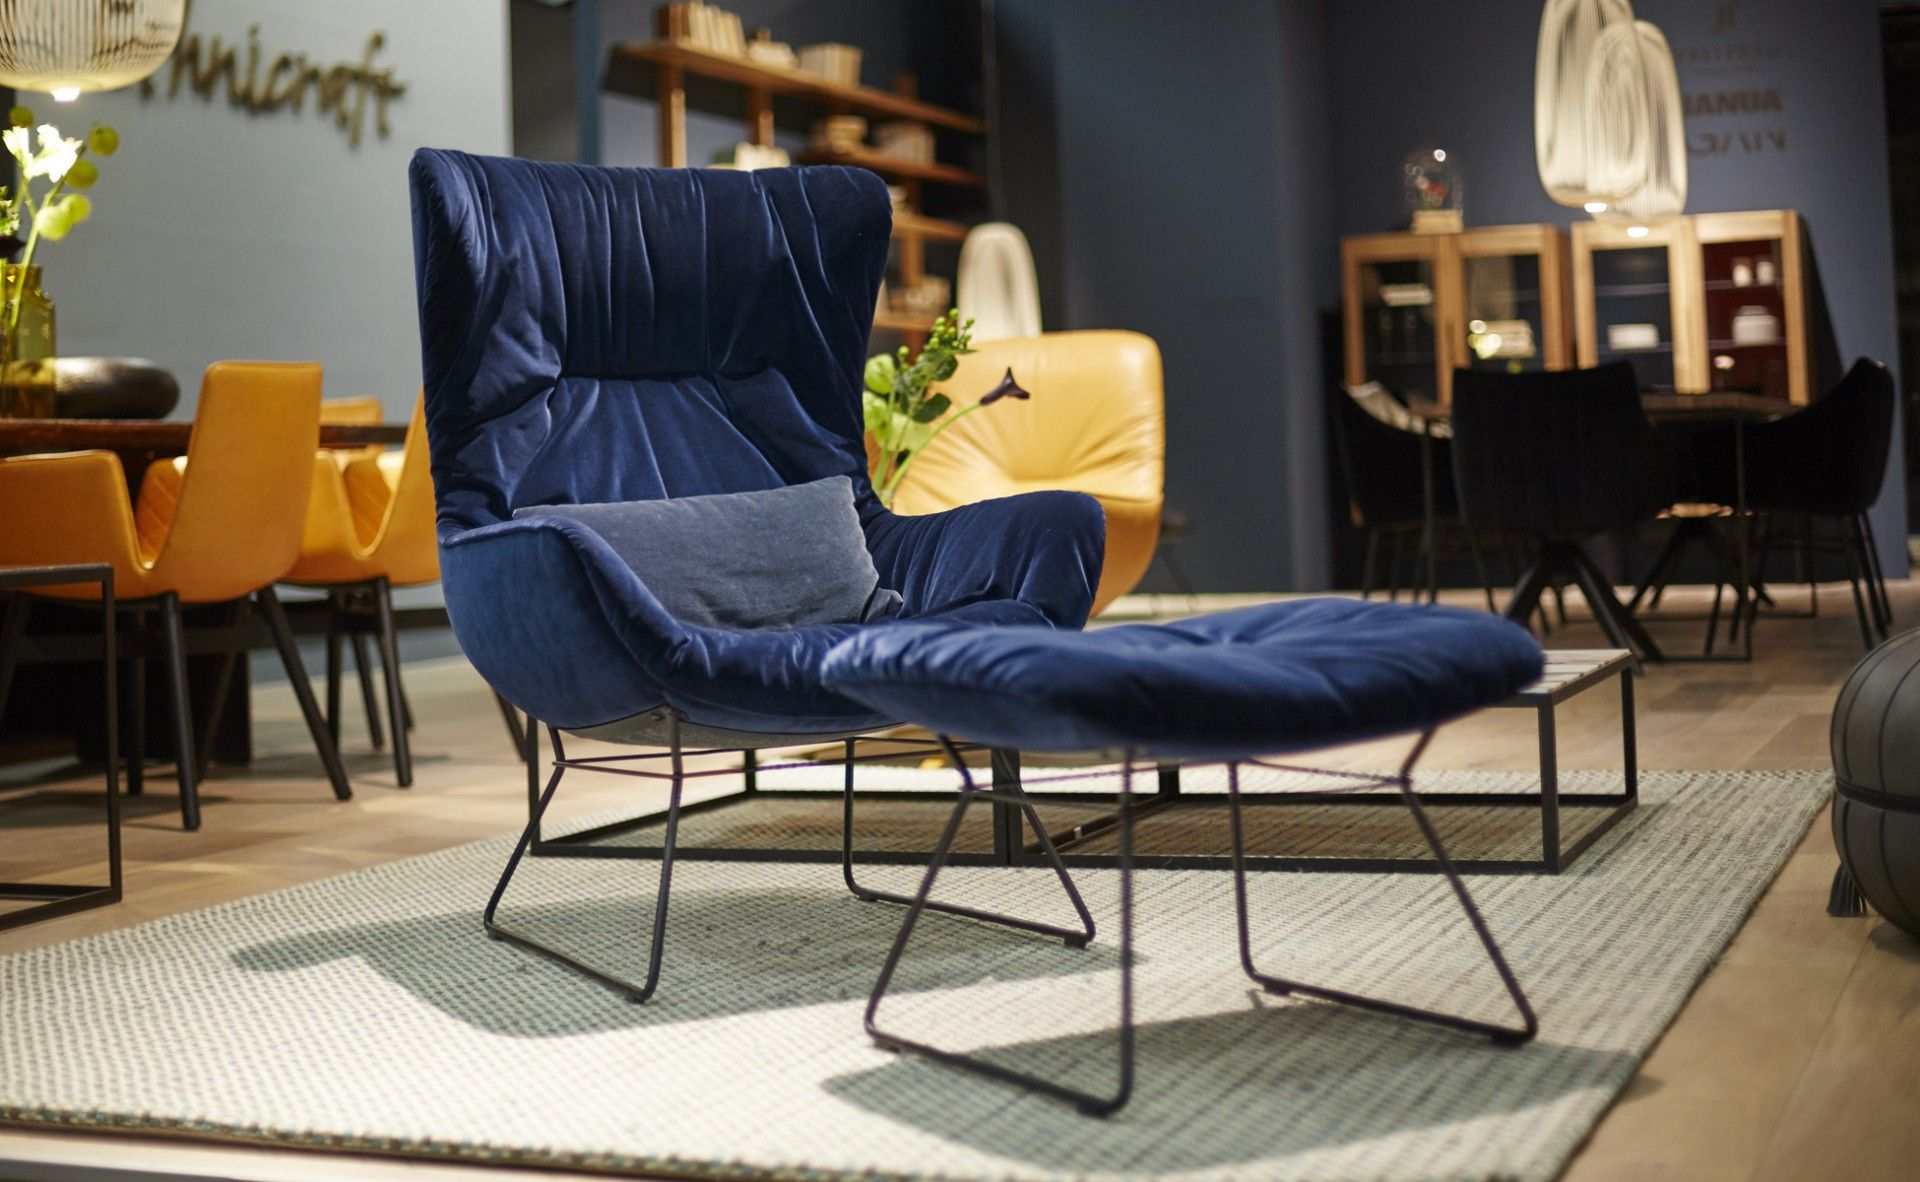 freifrau berlin steidten einrichten mit architekturintelligenz lounge chairs pinterest. Black Bedroom Furniture Sets. Home Design Ideas